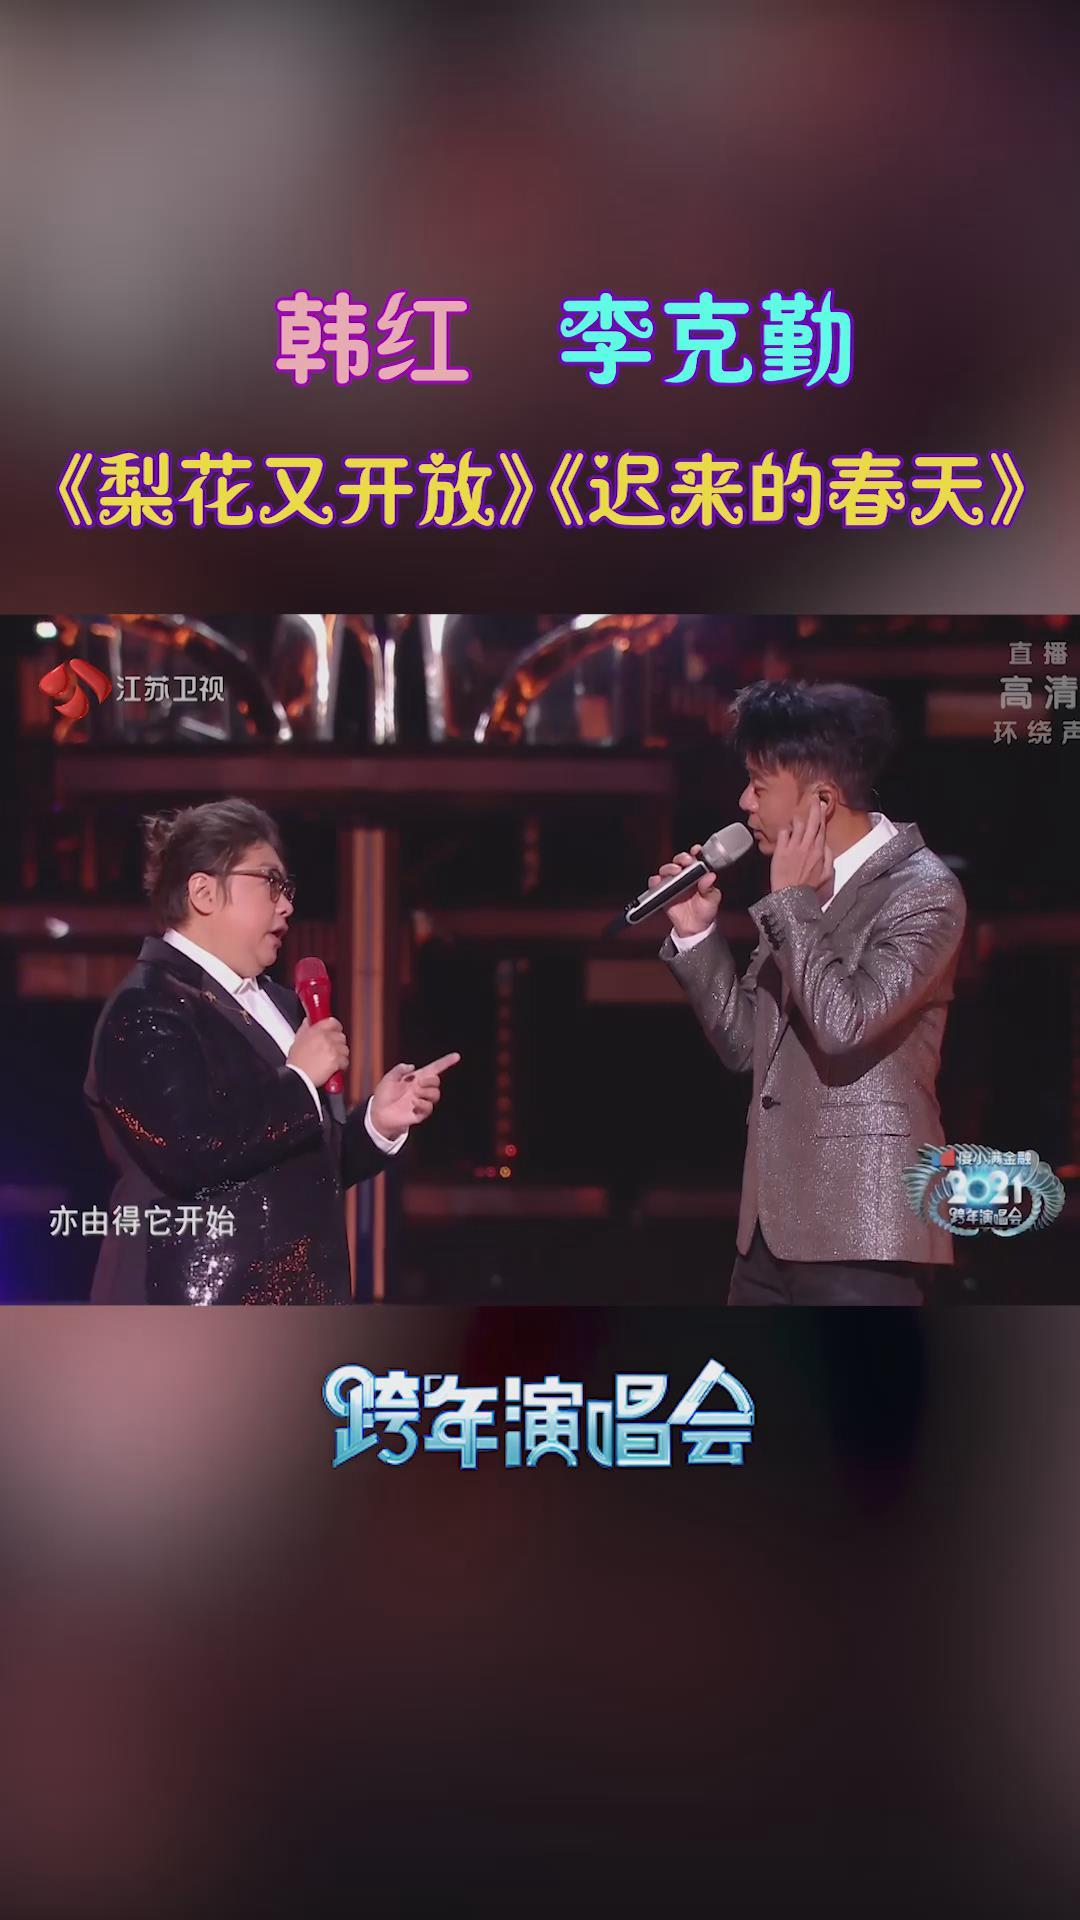 超高级组合!韩红和李克勤同台演唱《梨花又开放》《迟来的春天》